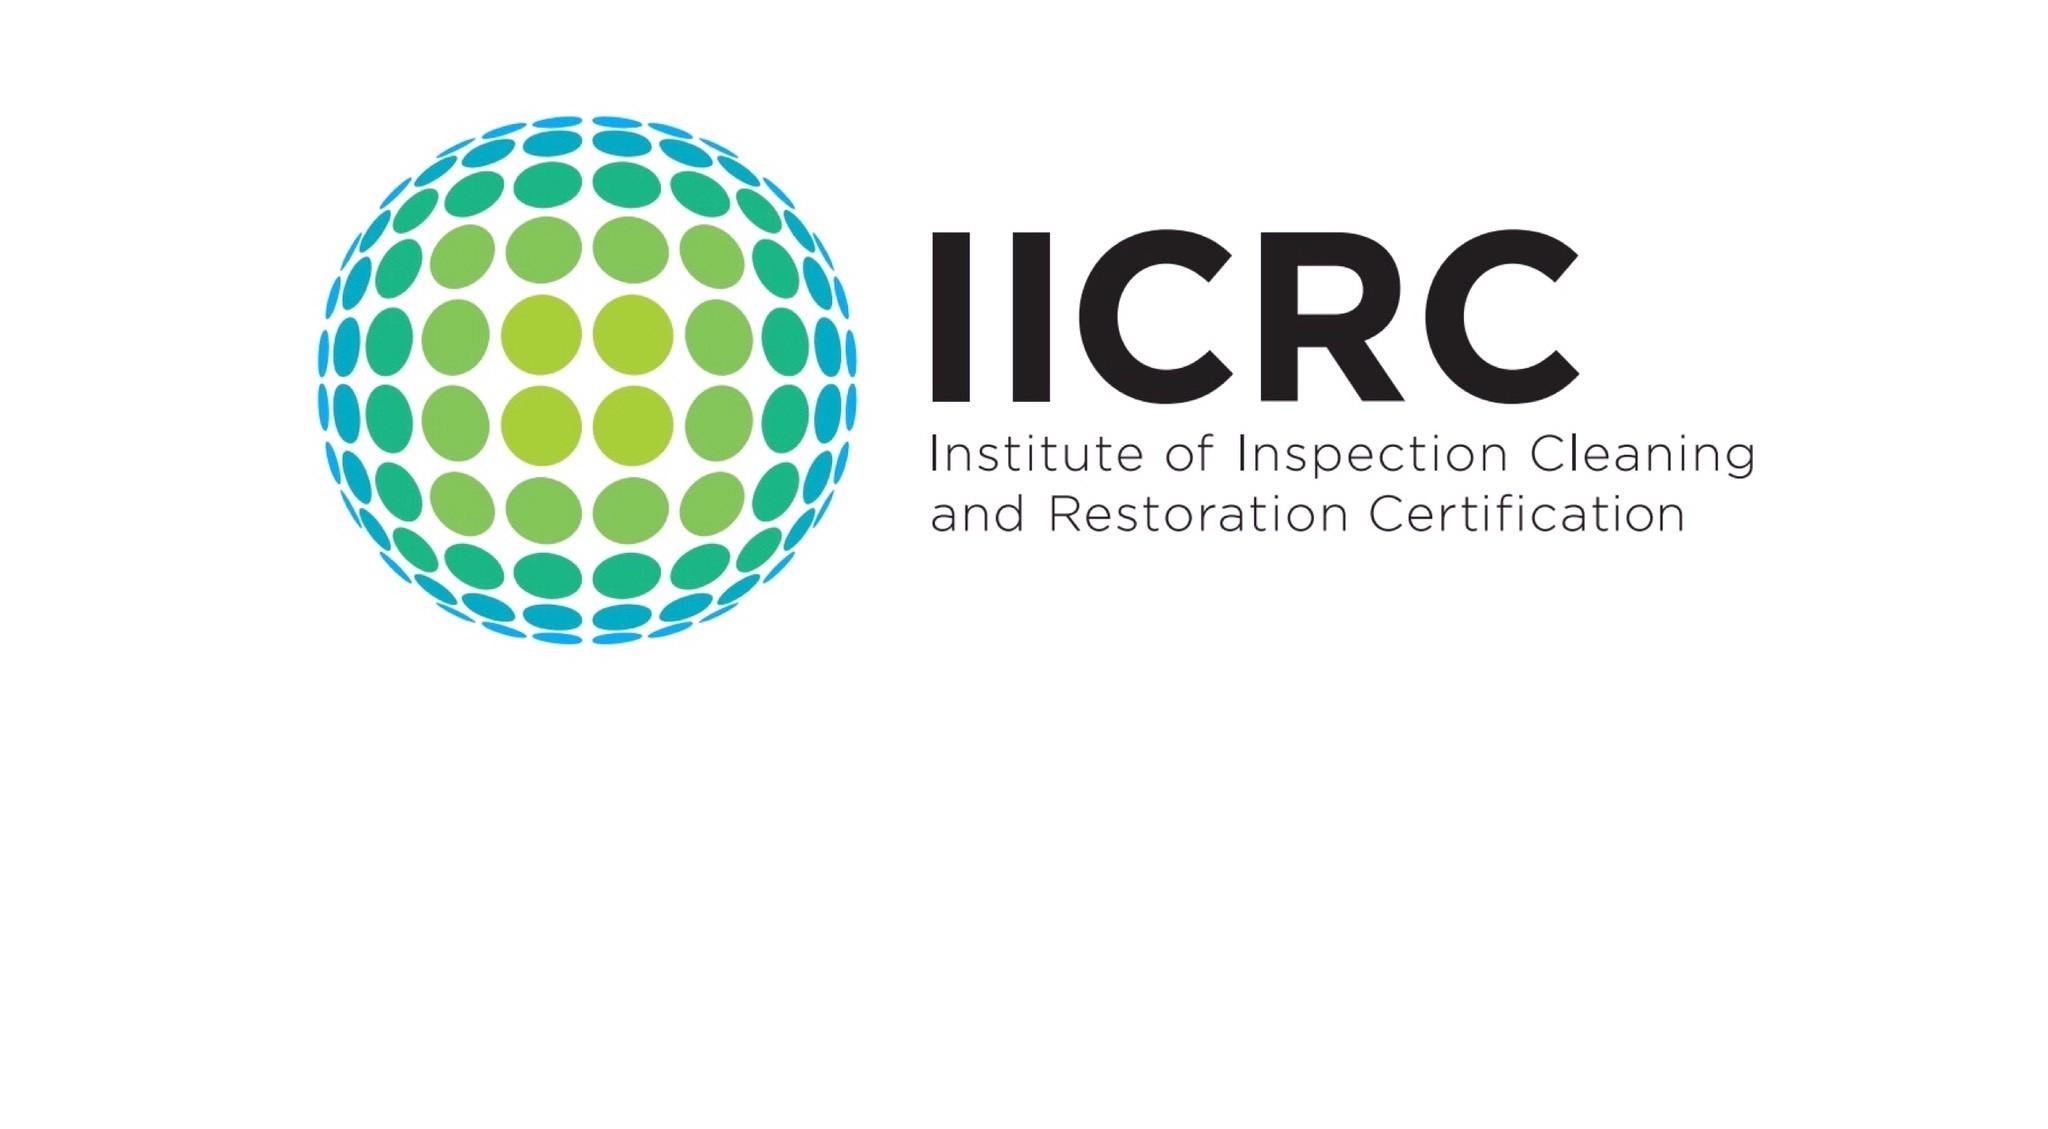 IICRC_whitespace-1%20%281%29.jpg